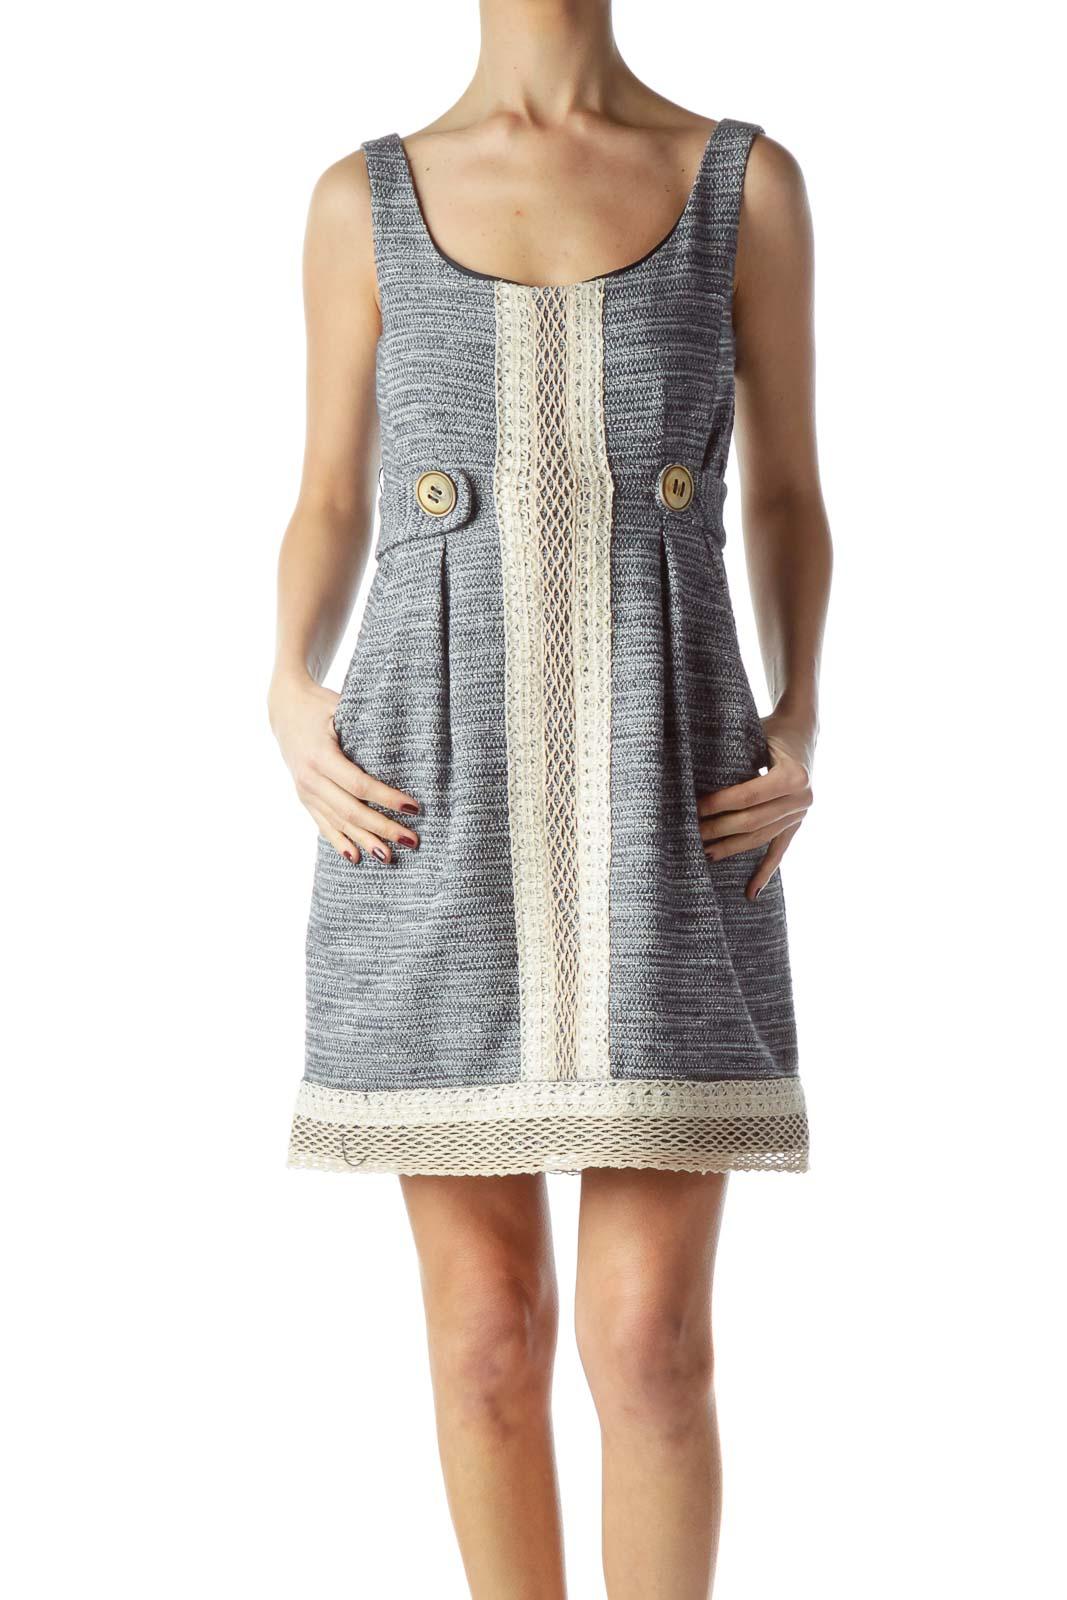 Black Beige Cream Knit Textured Dress Front